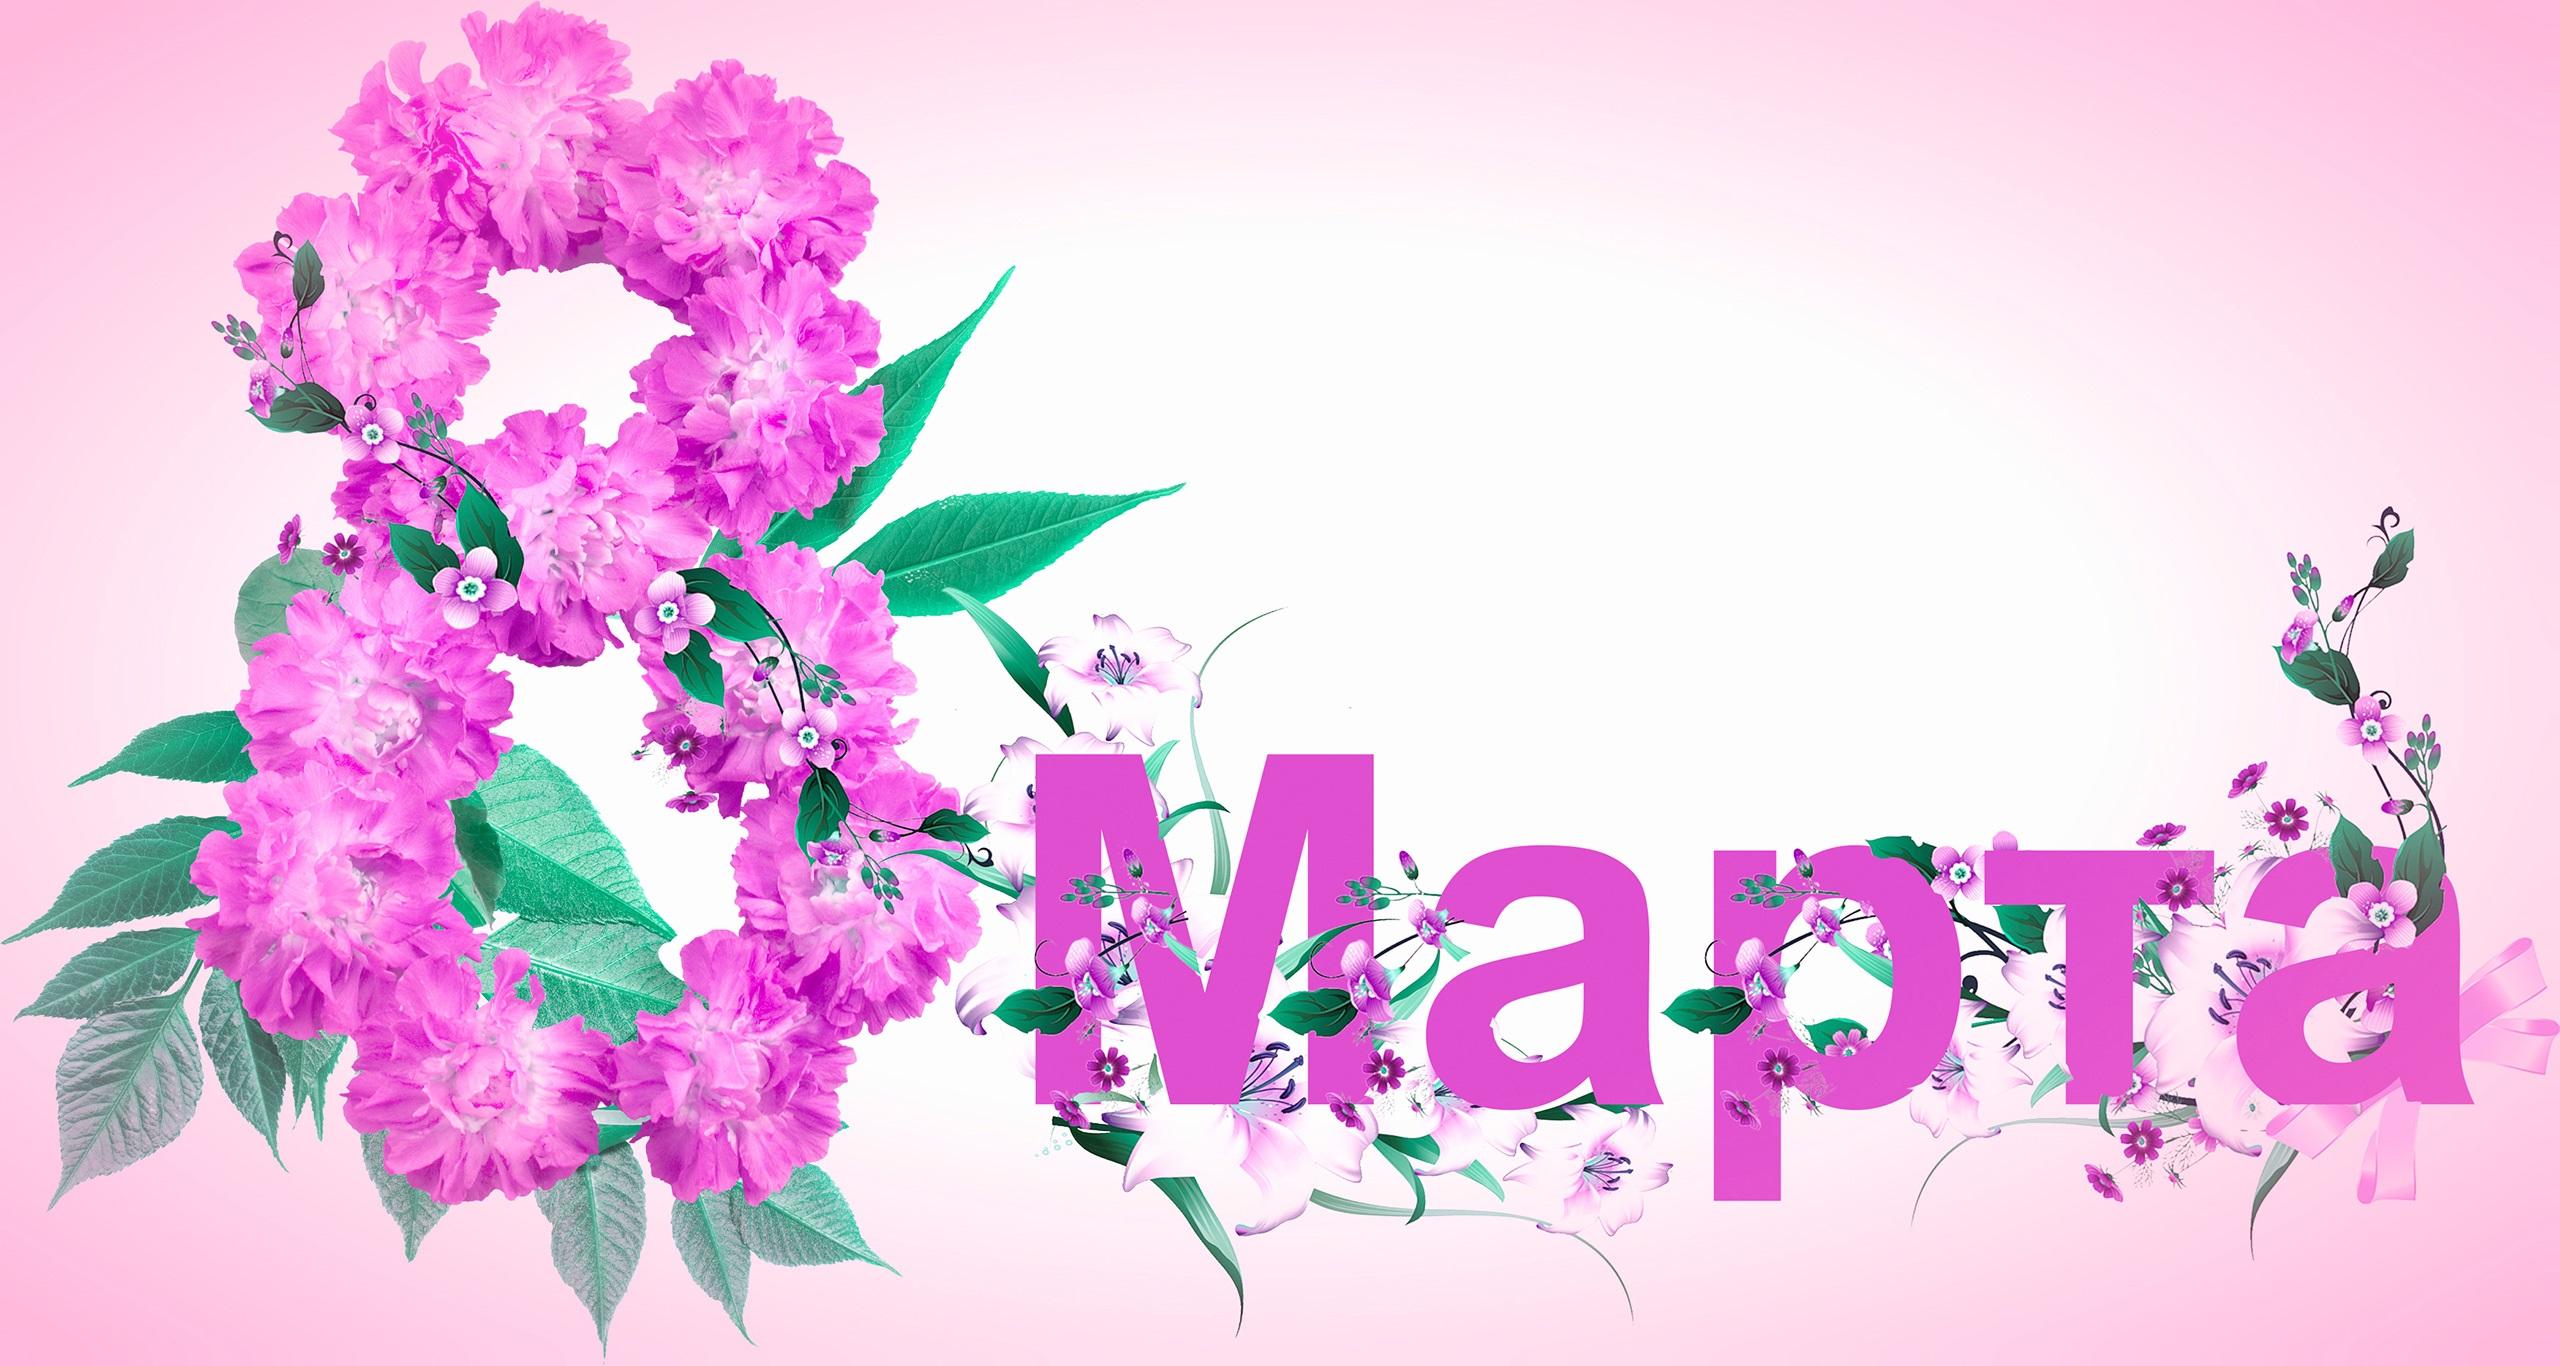 Картинка с надписью 8 марта международный женский день, для алексея